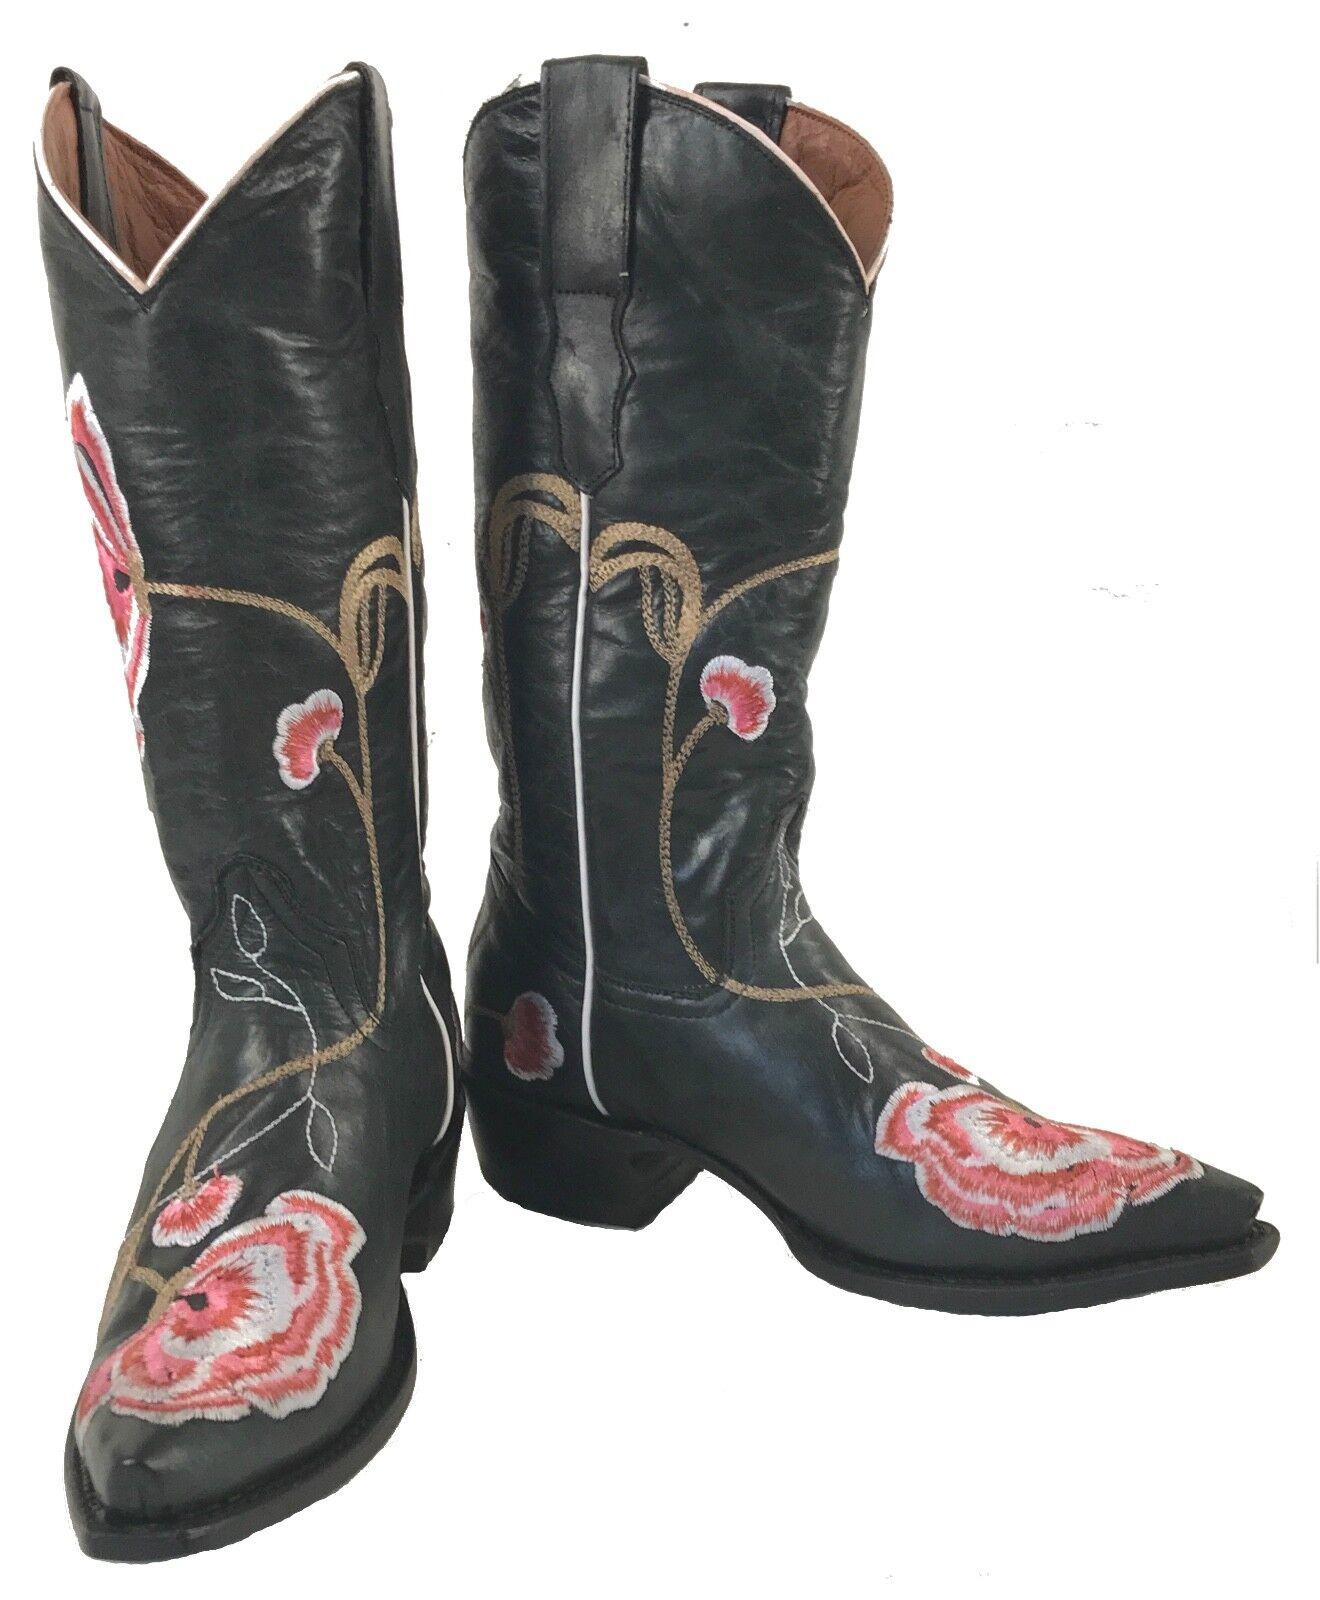 vendita di fama mondiale online Donna  New Embroidered Leather Cowgirl Western Biker Rodeo stivali stivali stivali nero Sale  essere molto richiesto